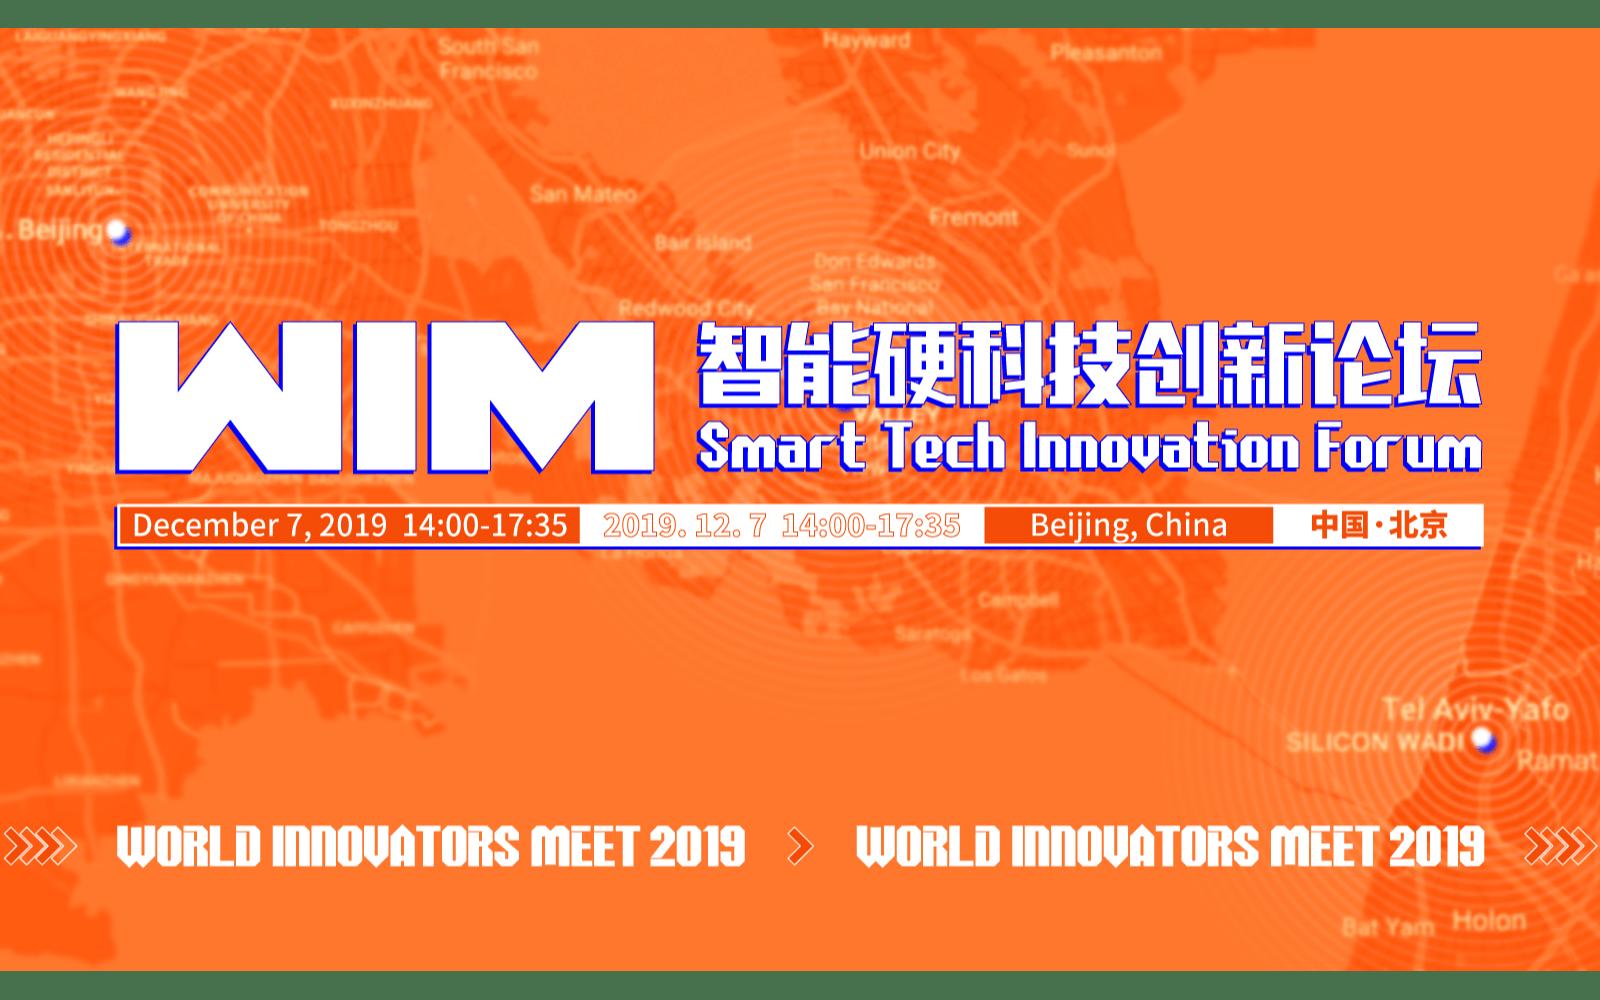 2019世界创新者年会-智能硬科技论坛(北京)